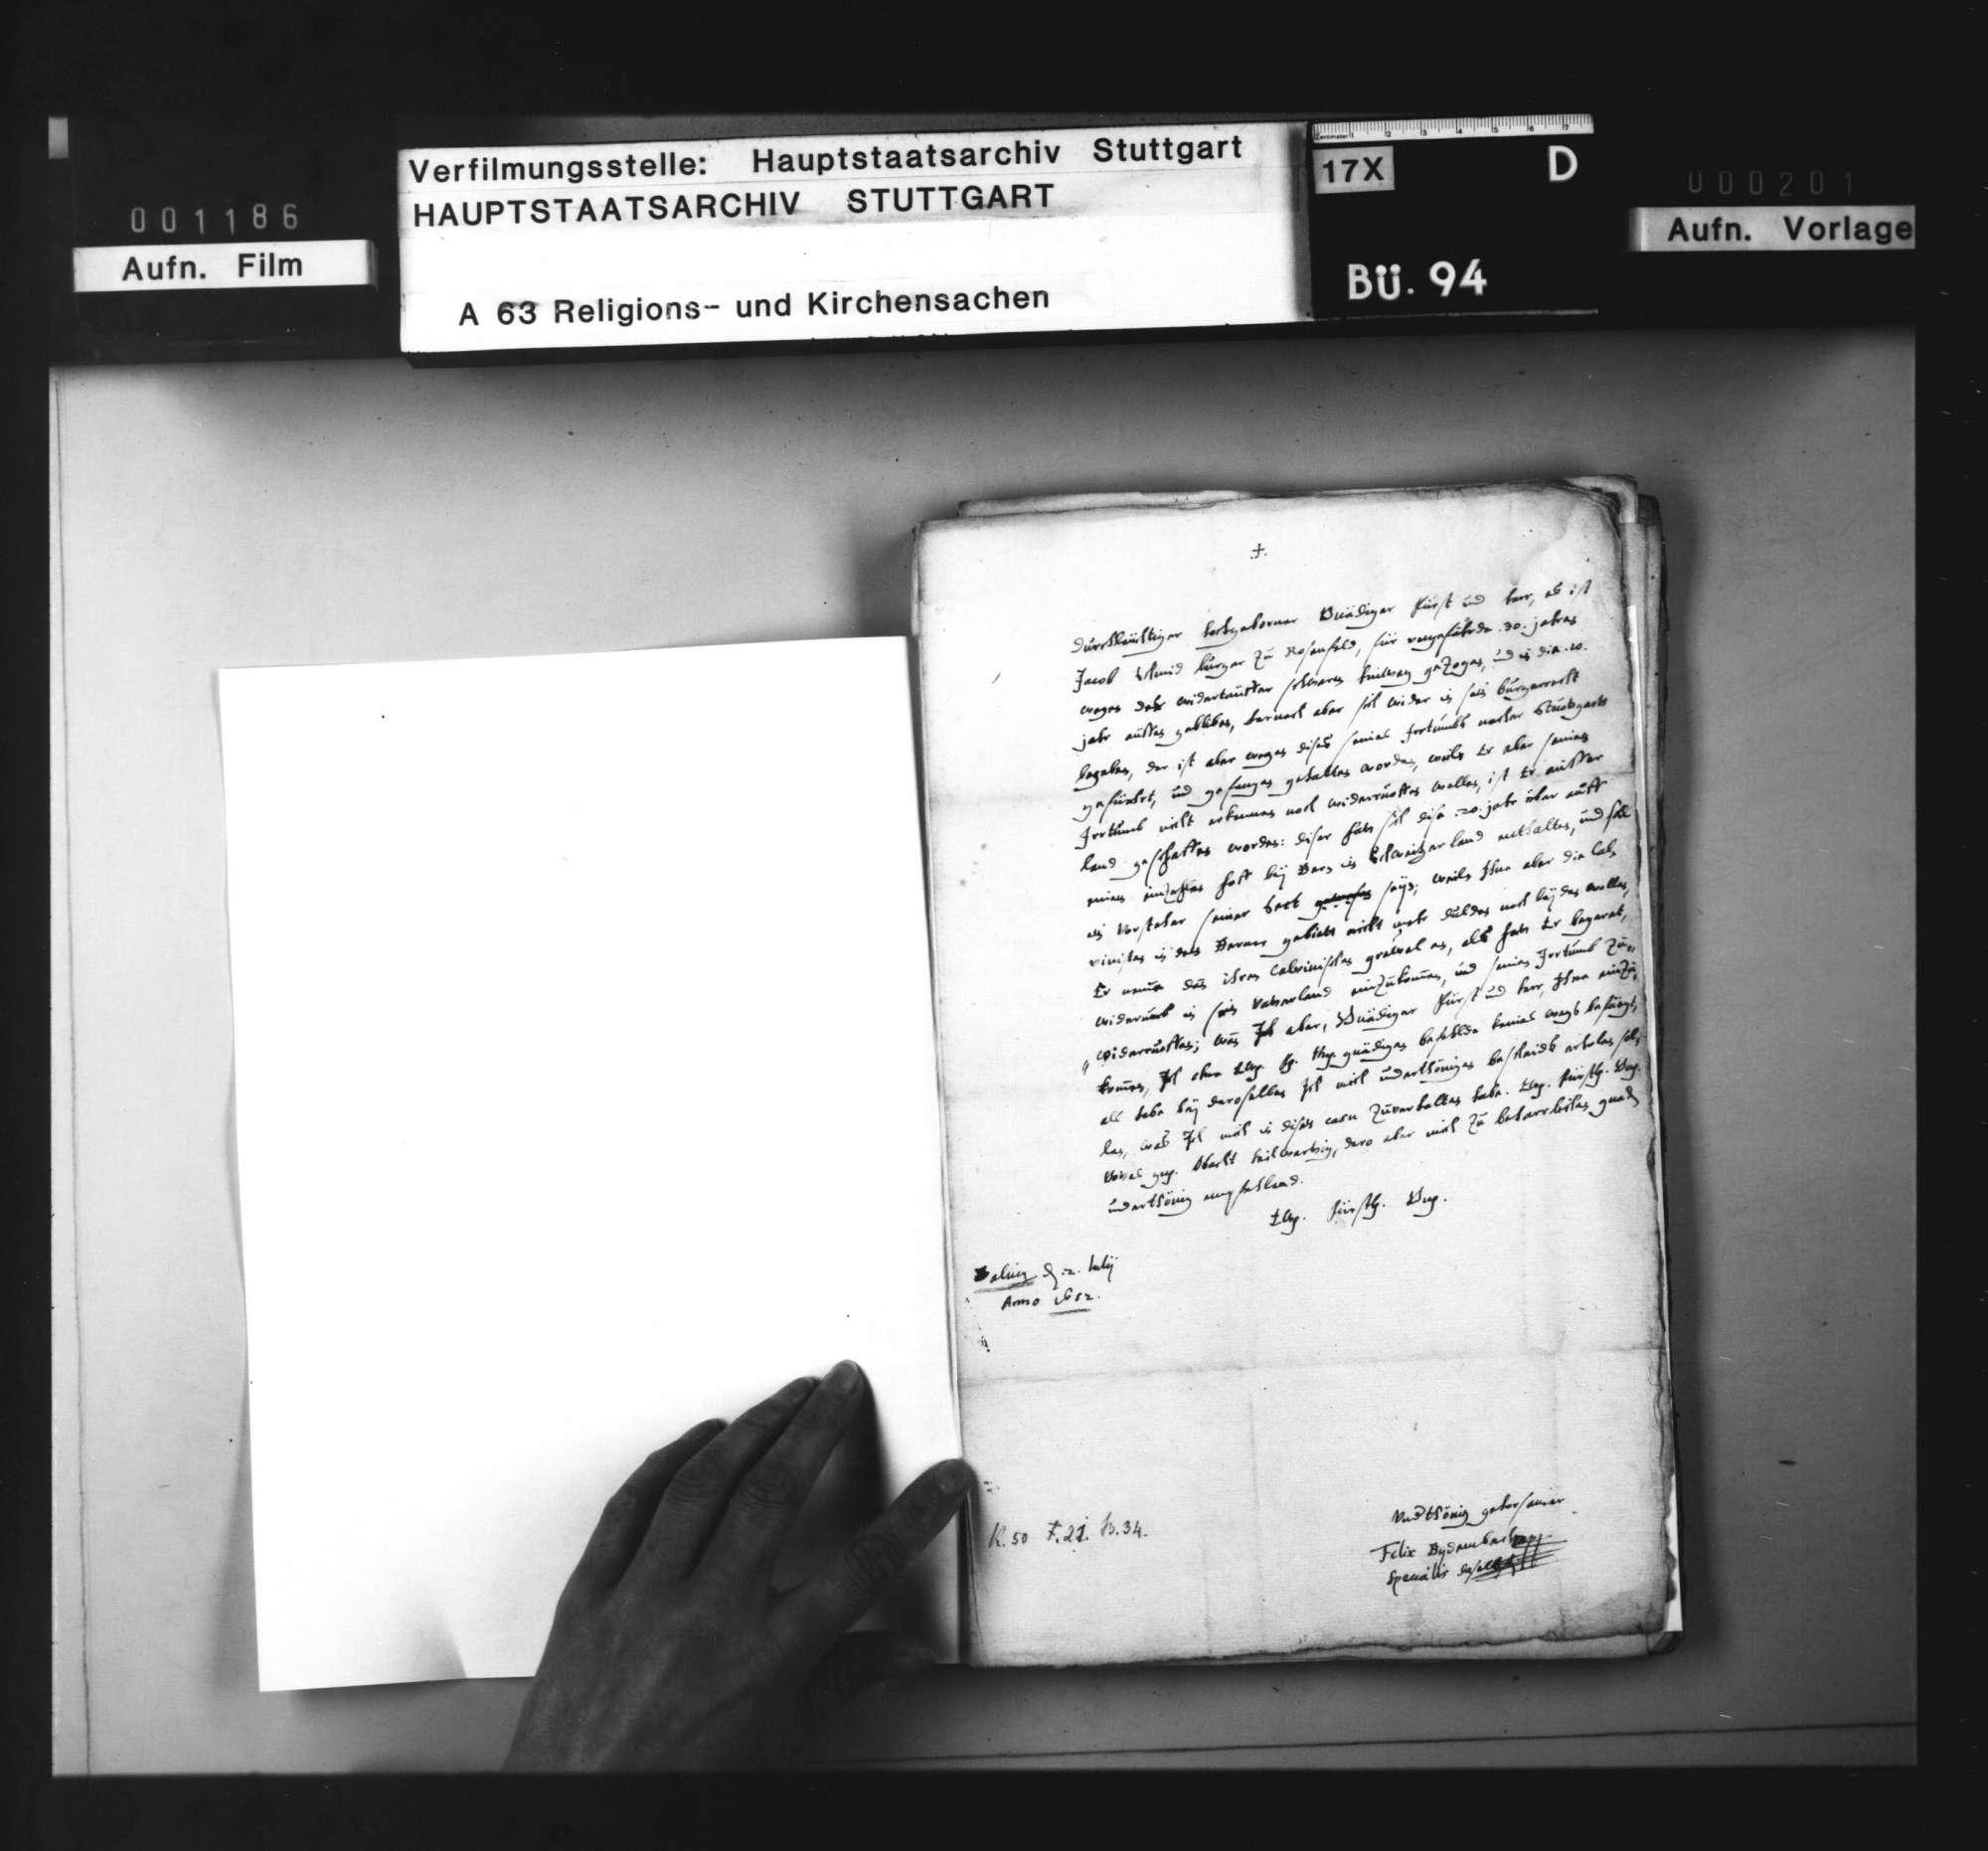 Bericht des Specialis zu Balingen einen Wiedertäufer betreffend., Bild 2